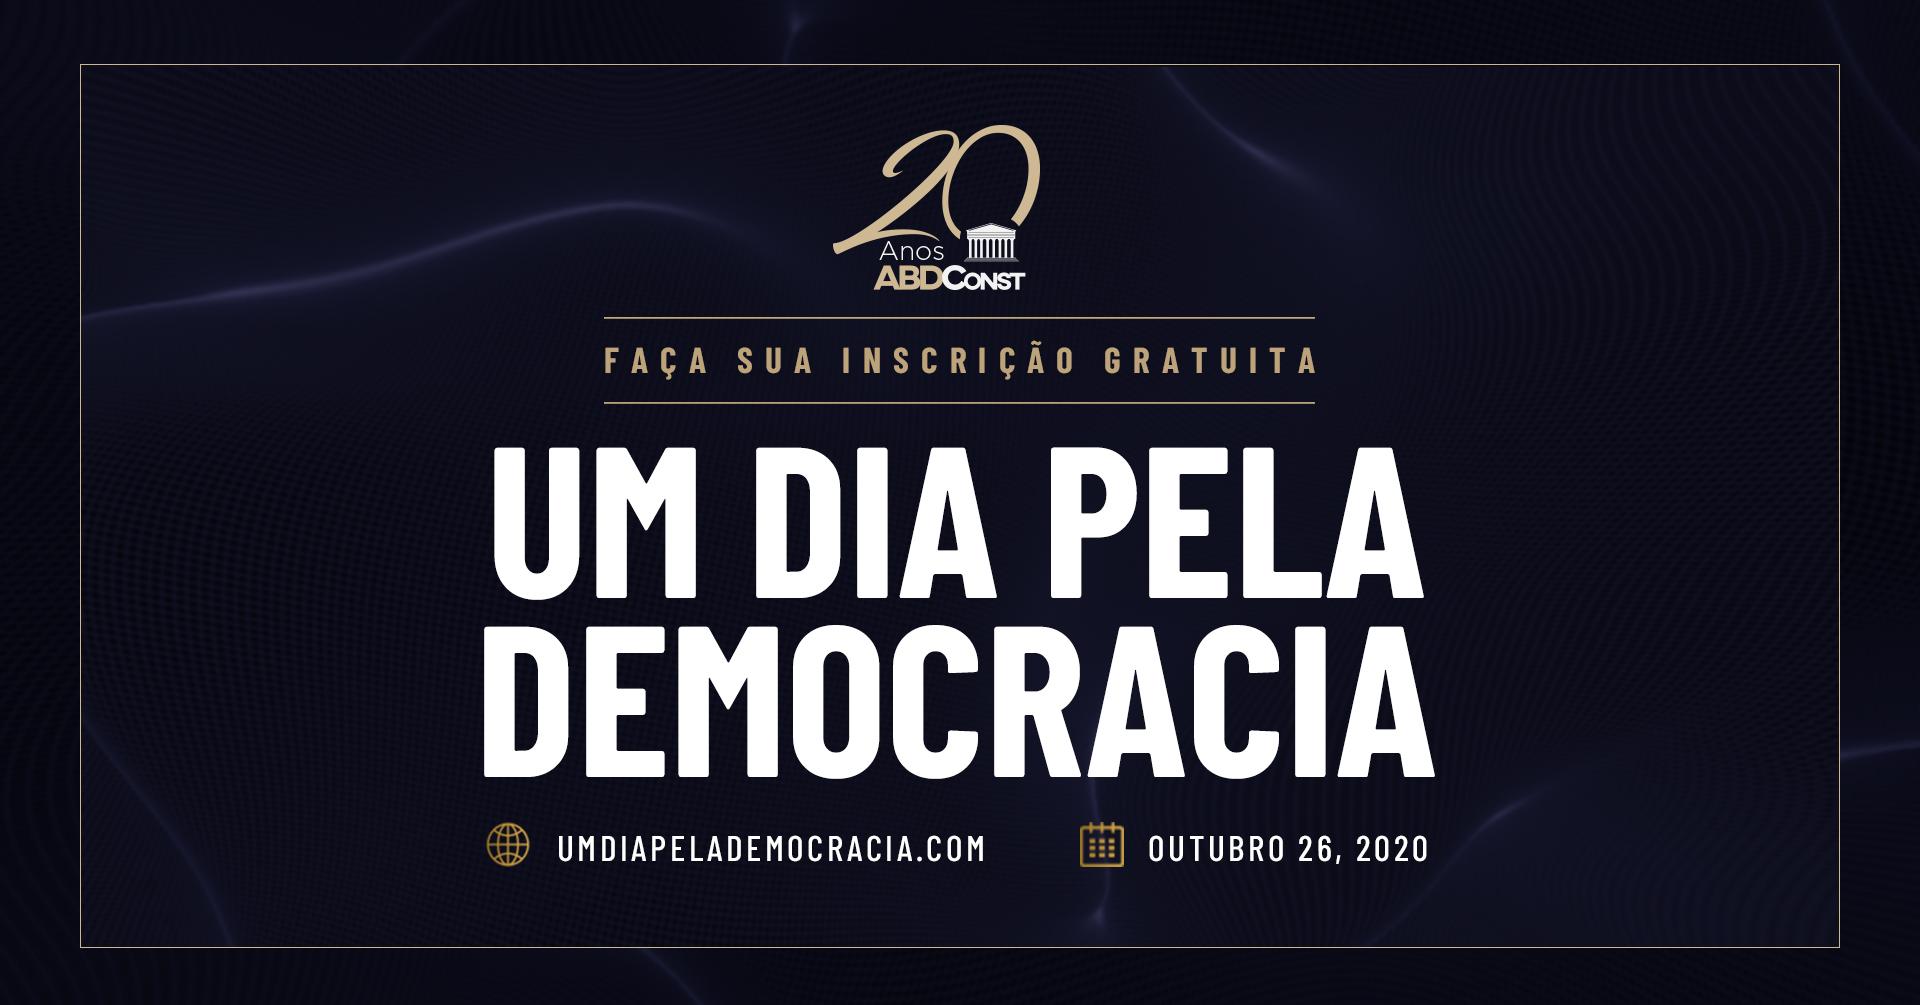 Ministros do STF participam de evento internacional online realizado pela ABDConst em prol a democracia